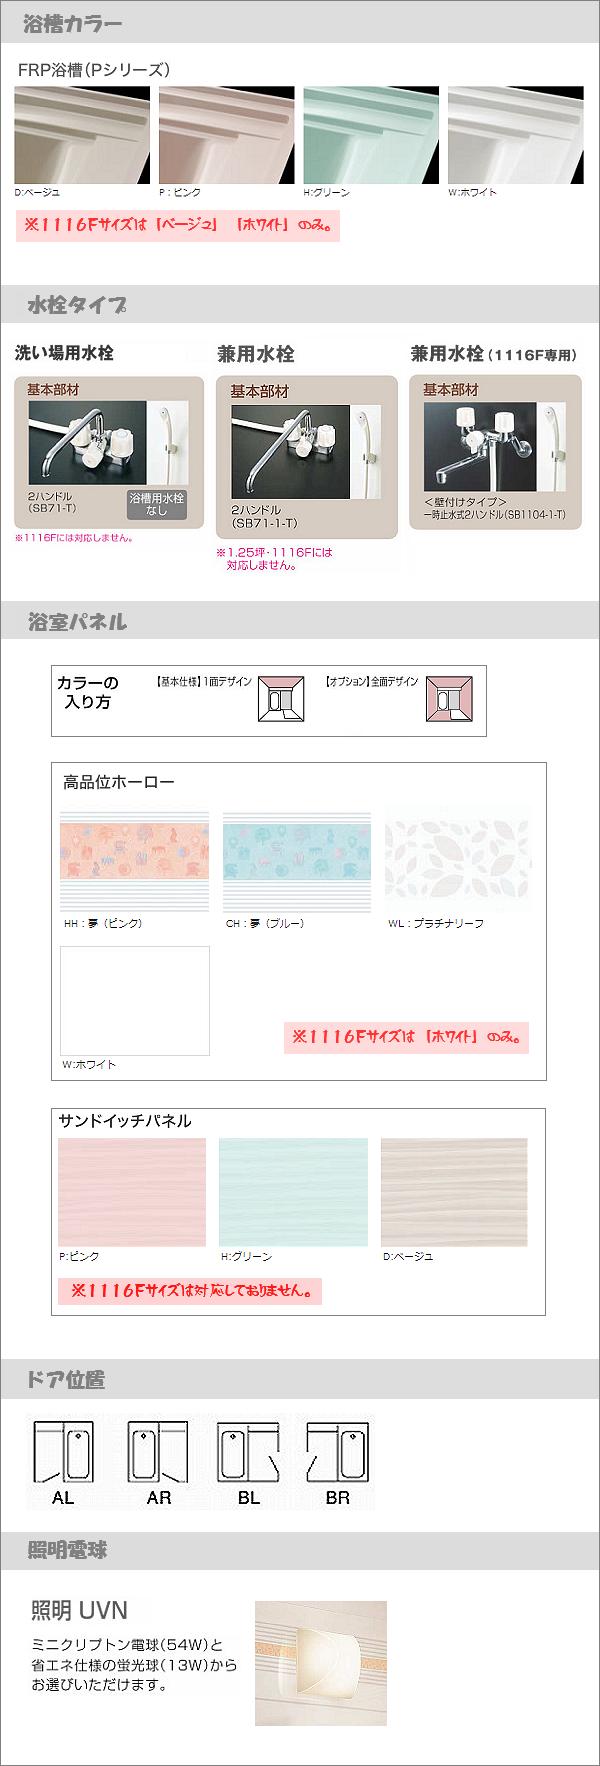 タカラスタンダード/ミーナ Pシリーズ(Fタイプ) 商品バリエーション